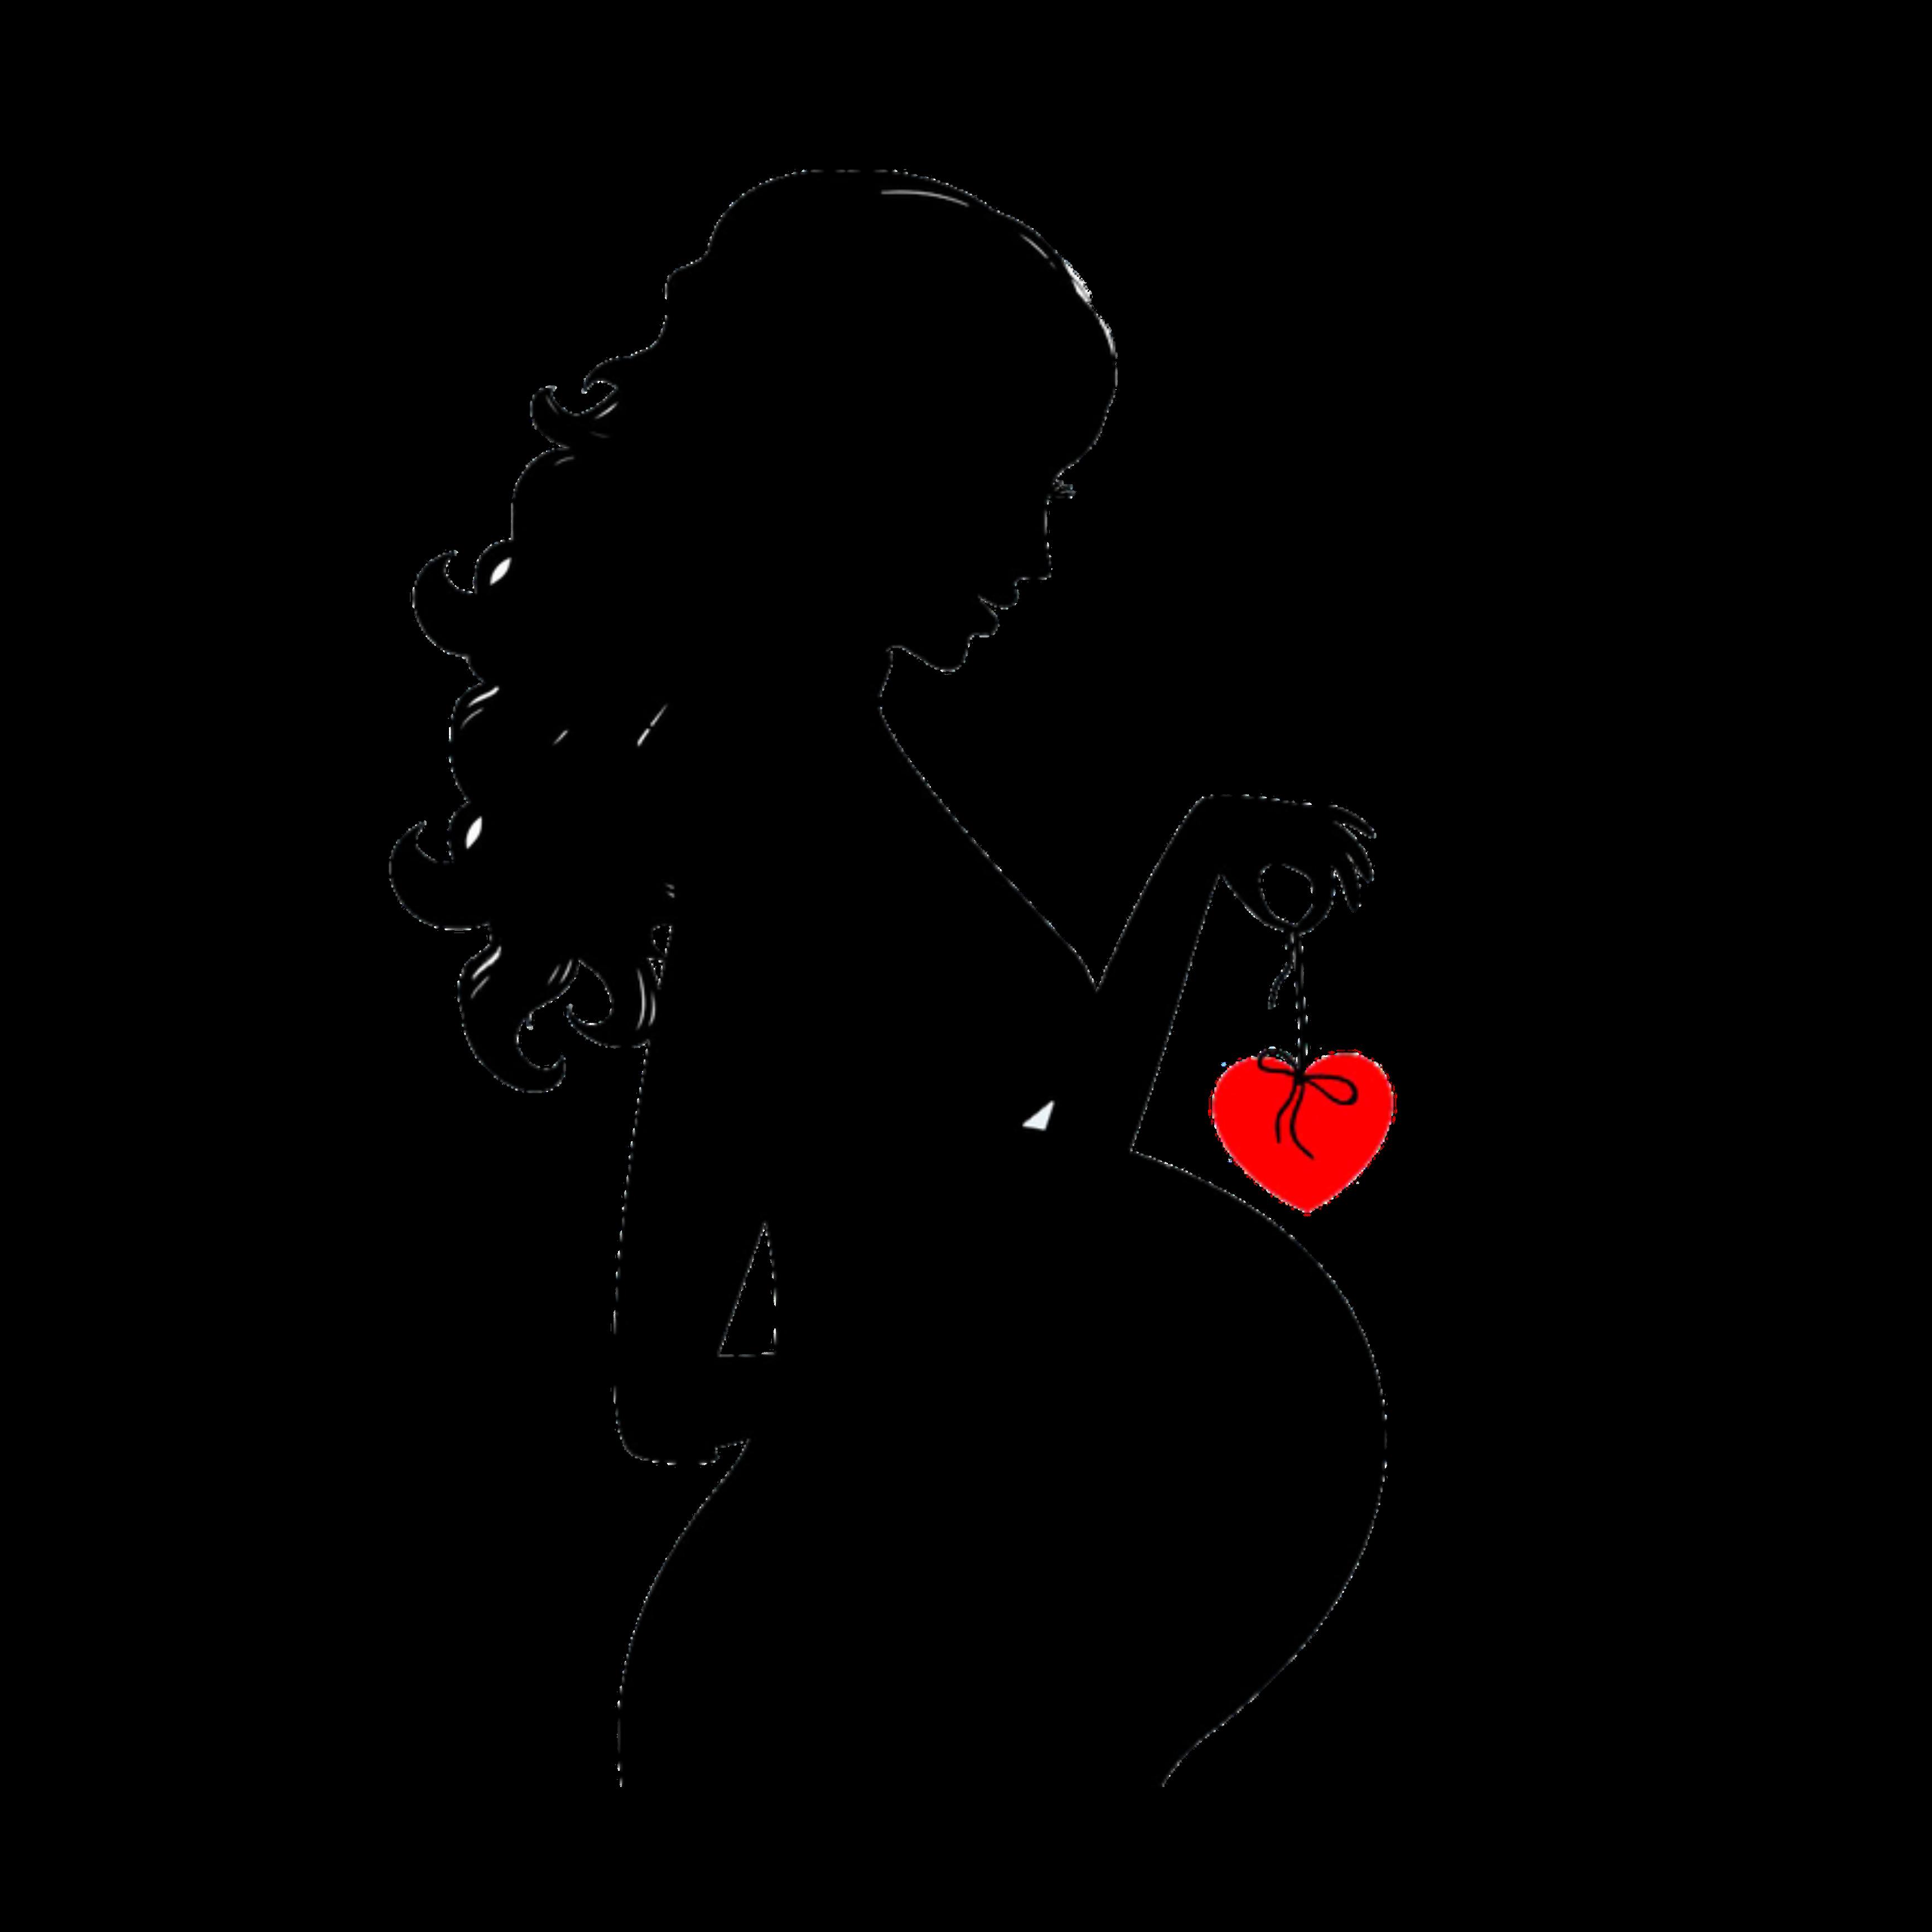 Беременная женщина картинка на белом фоне